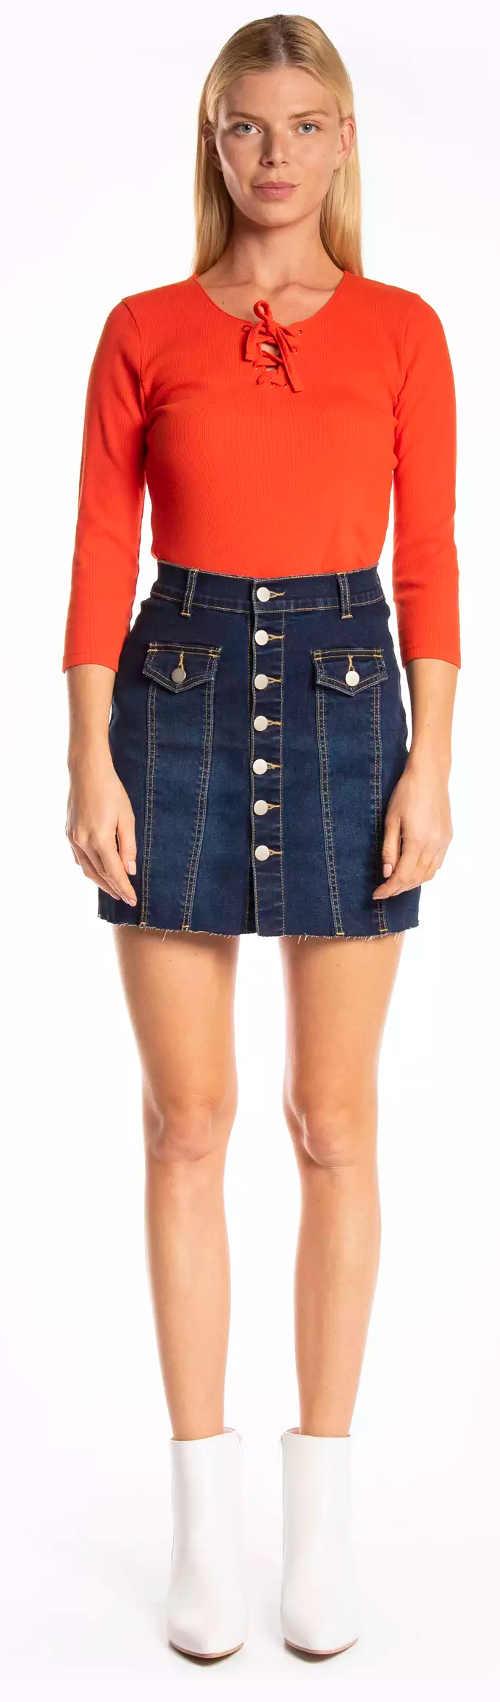 Krátká džínová sukně s předními knoflíky po celé délce